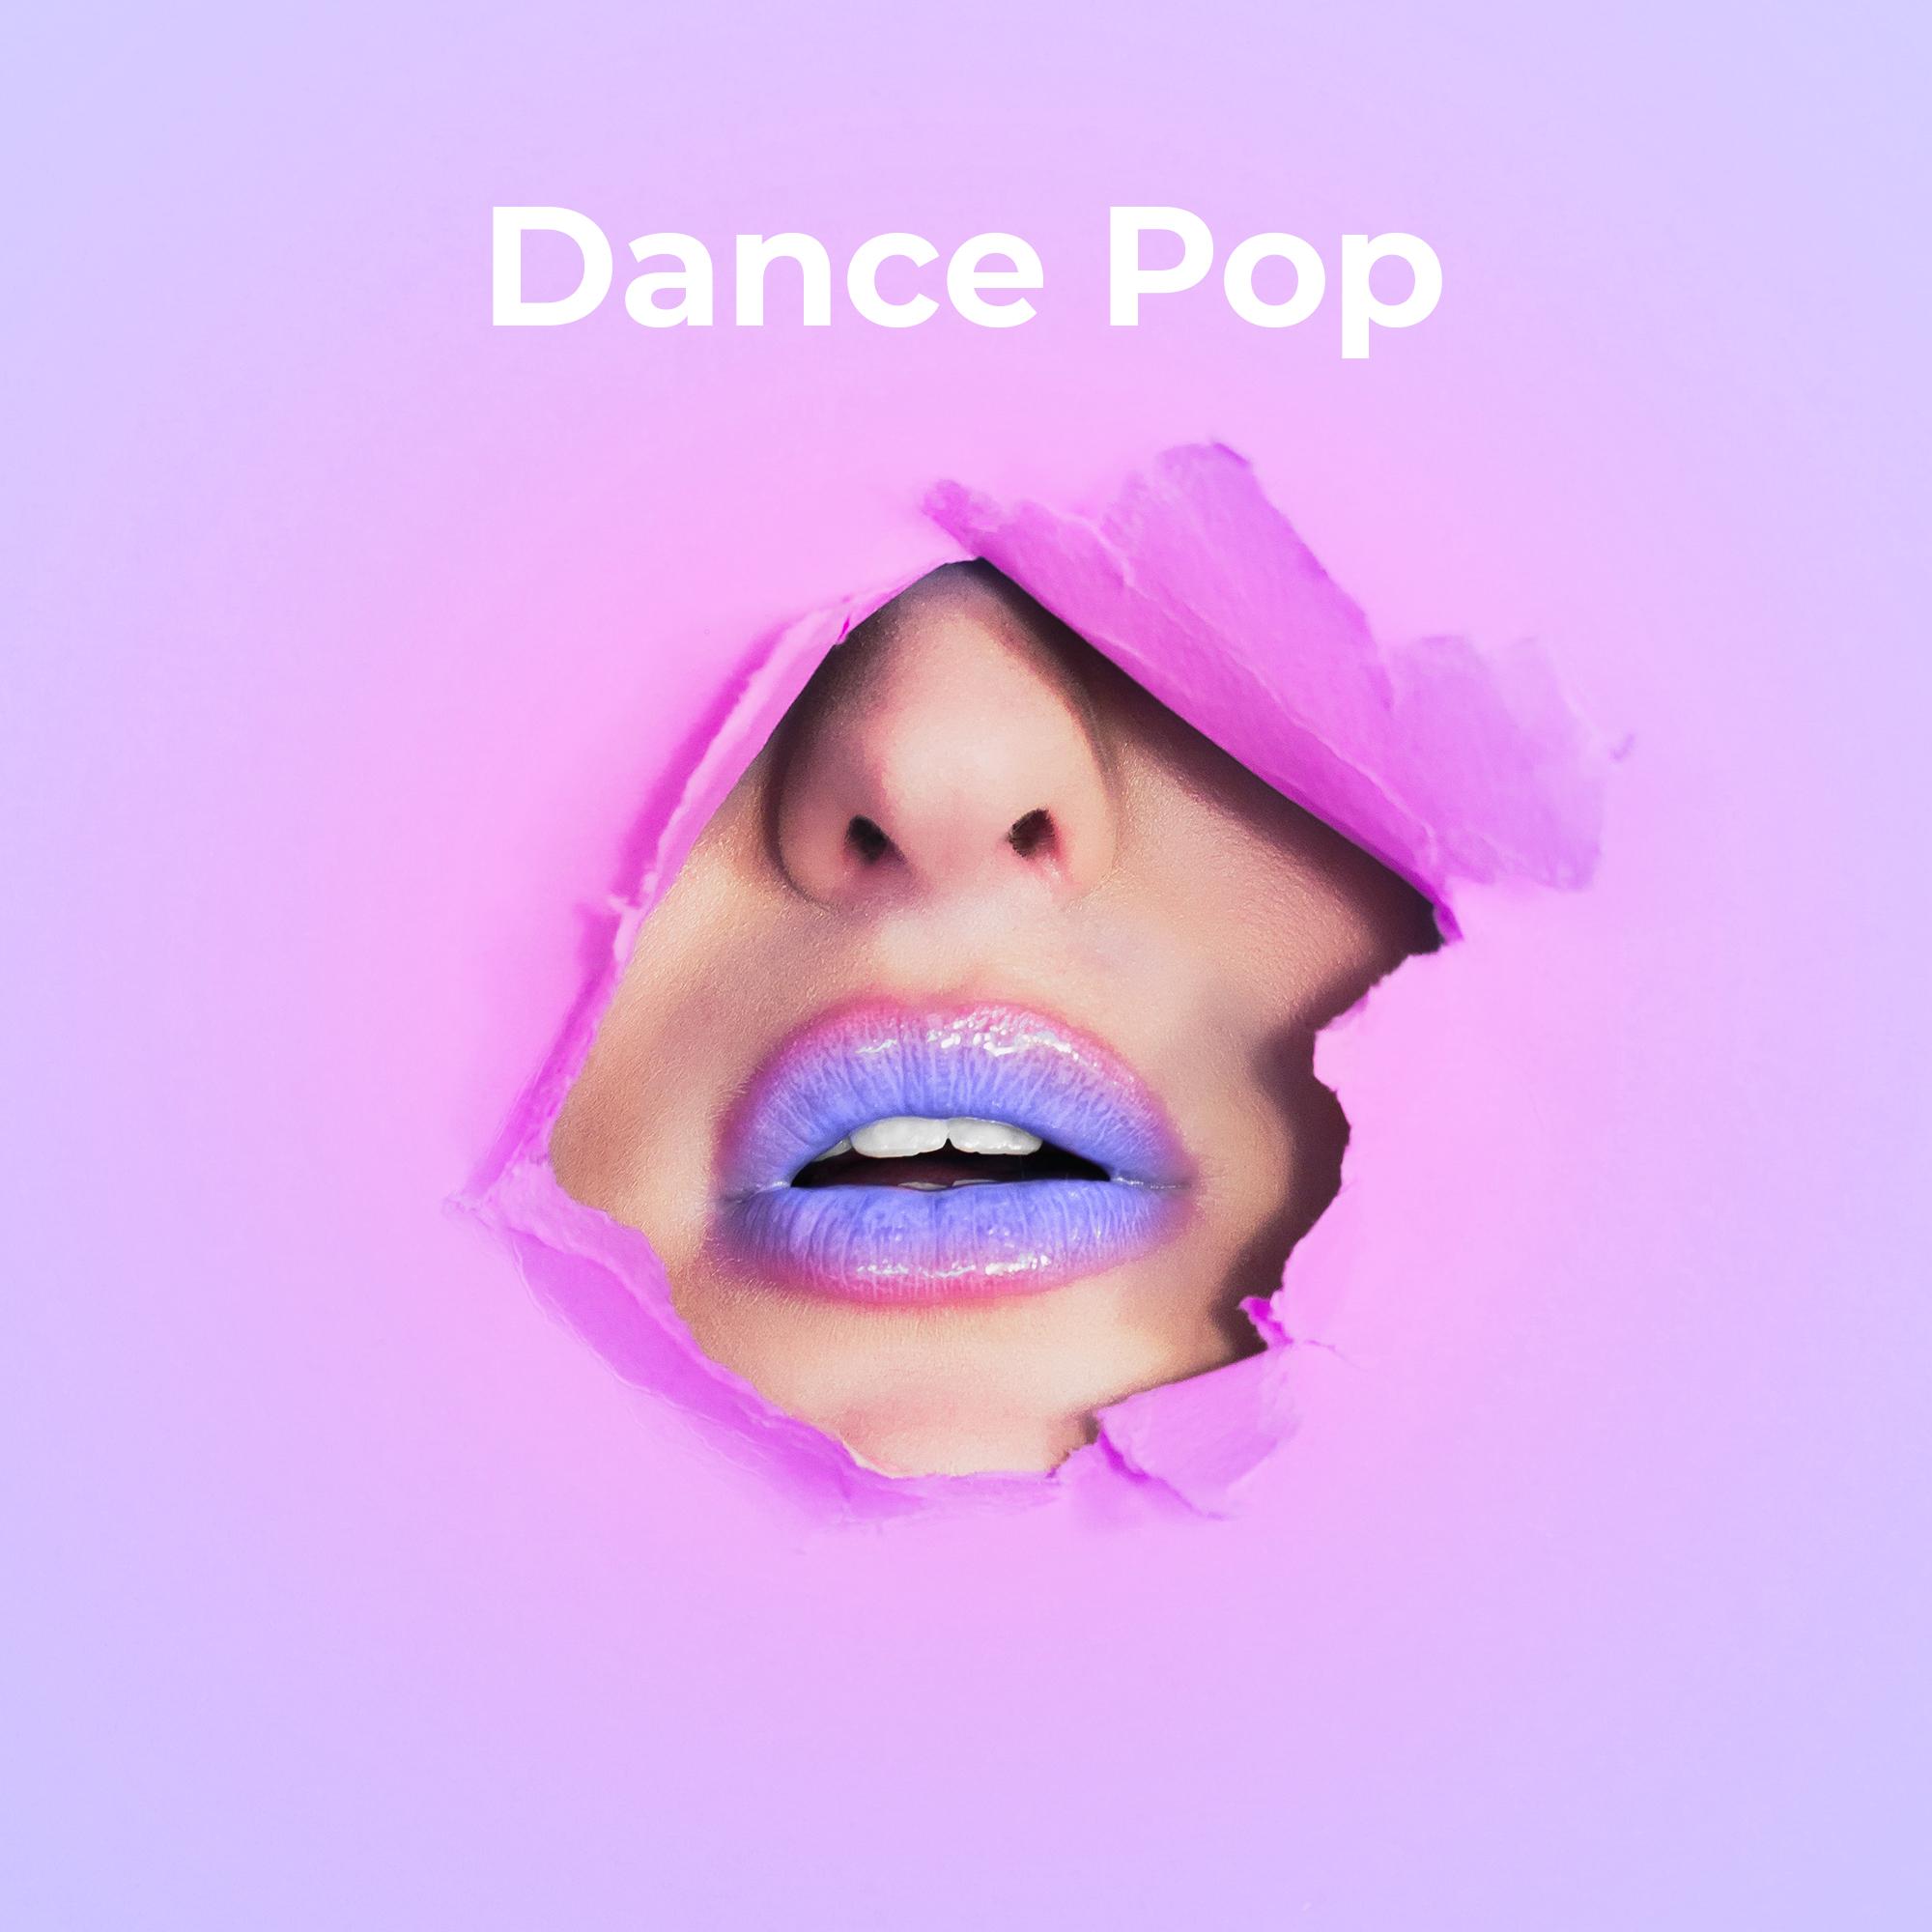 First Dance Songs 2018: Dance Pop 2018 Playlist